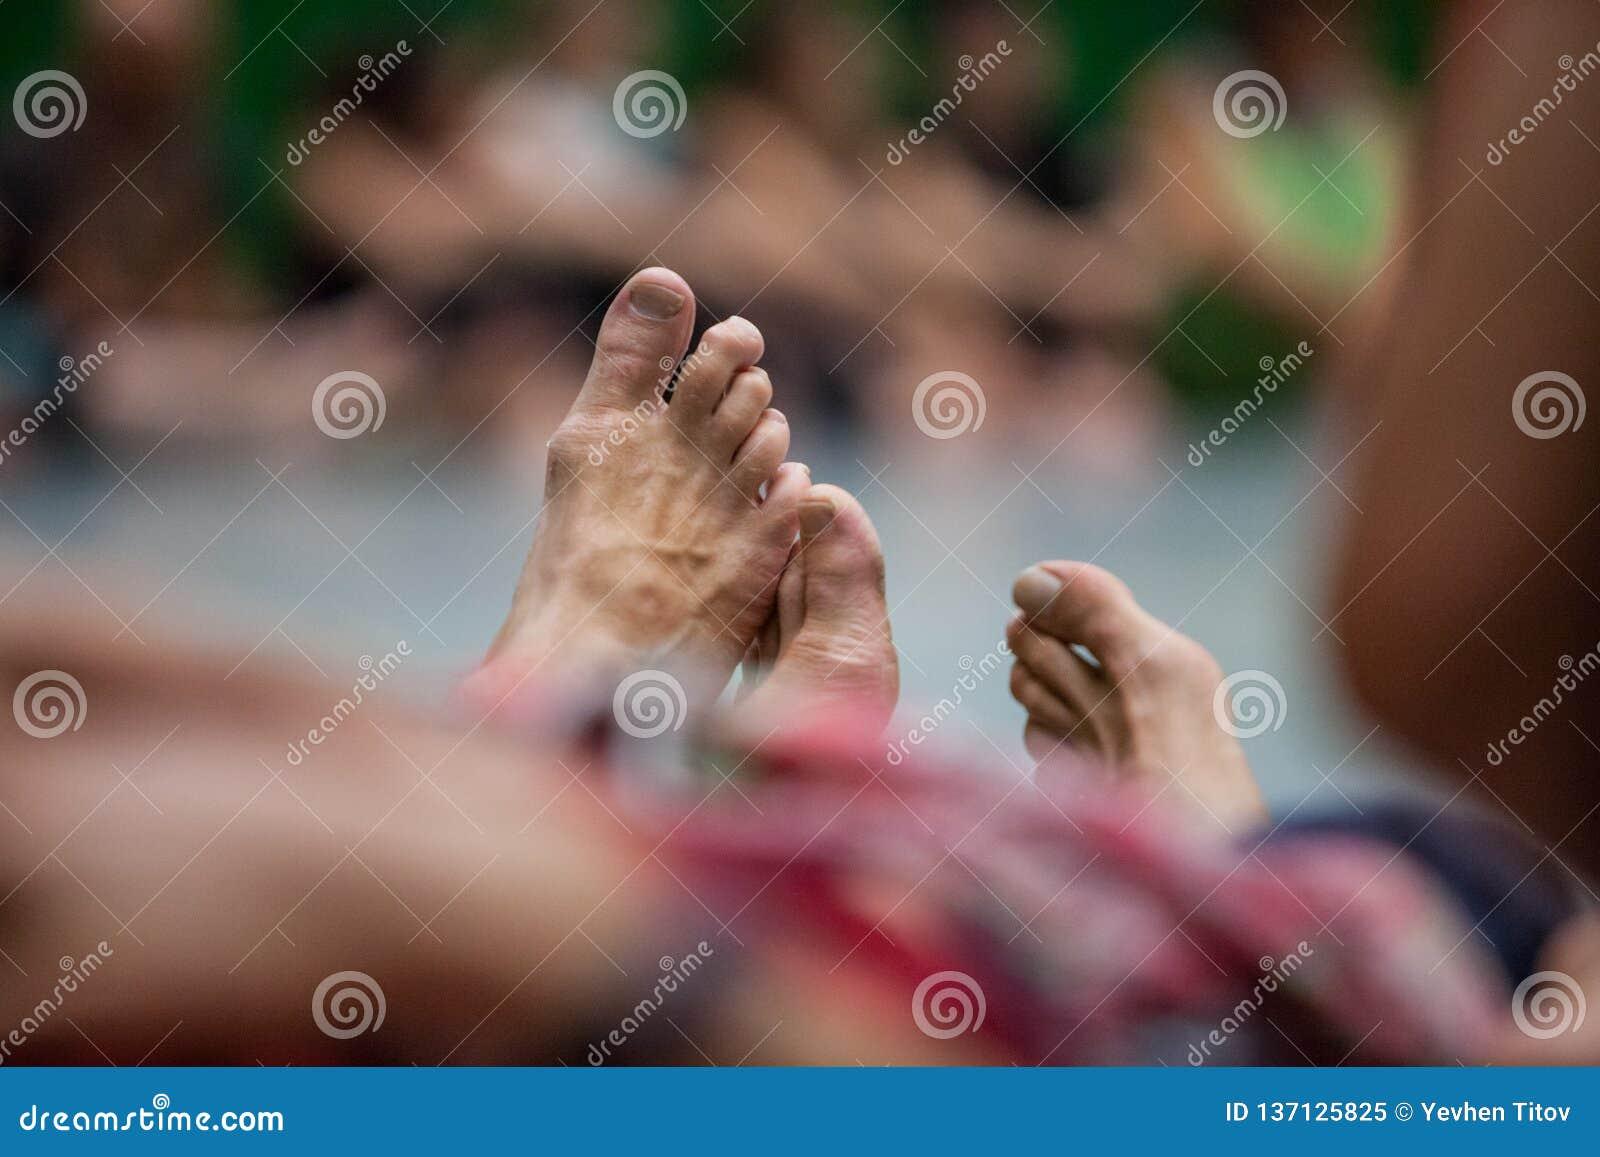 Dansersbeen, voet